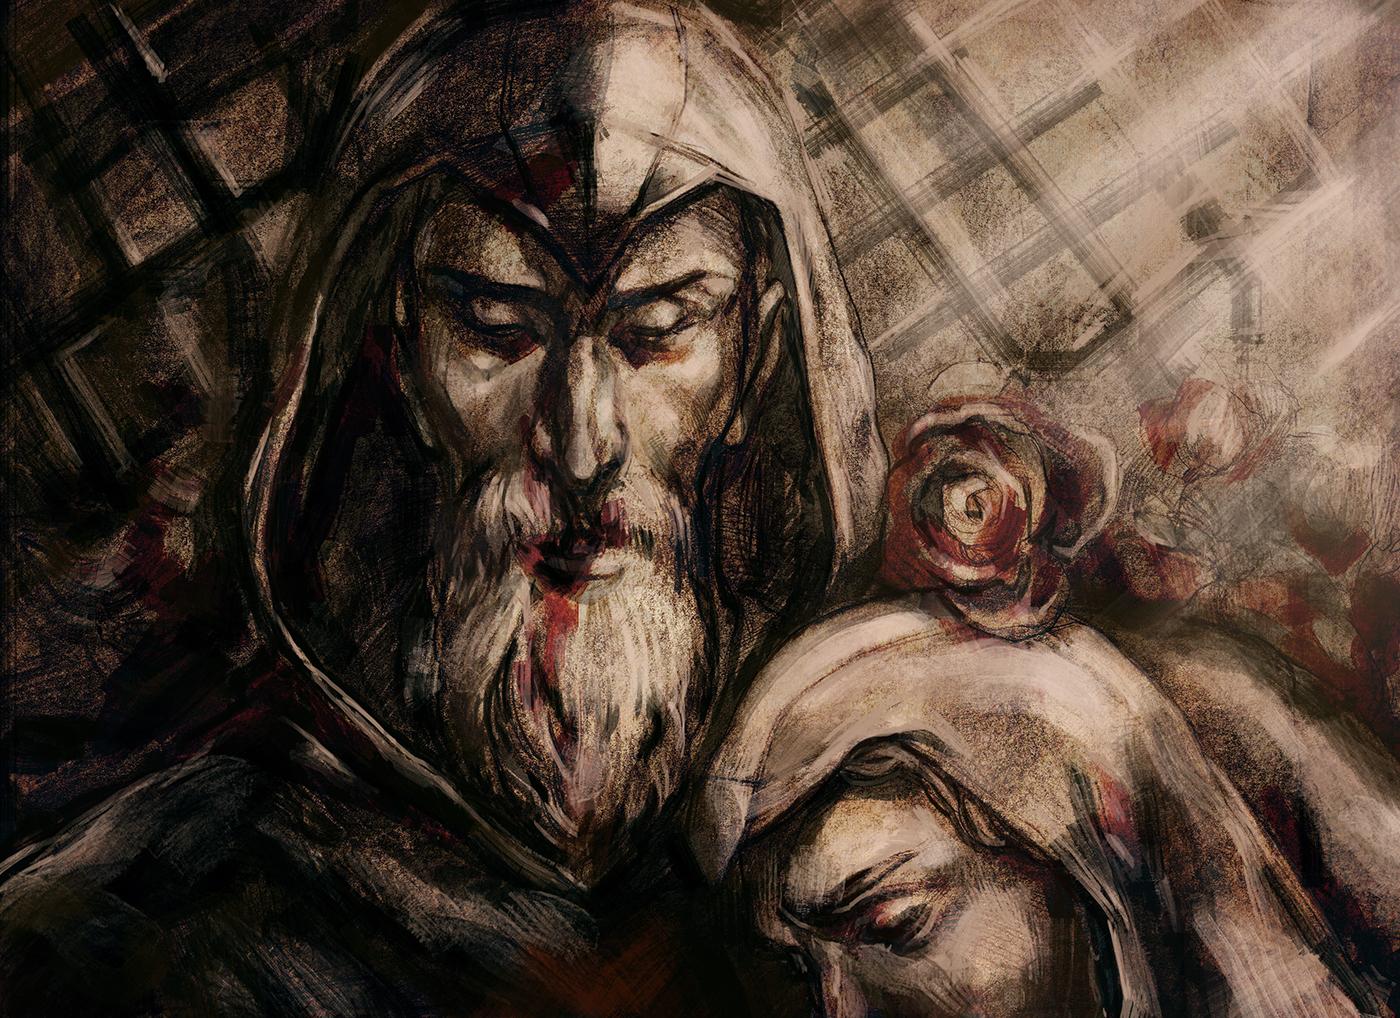 Al Mualim x Altair - Still by RisingMonster on DeviantArt